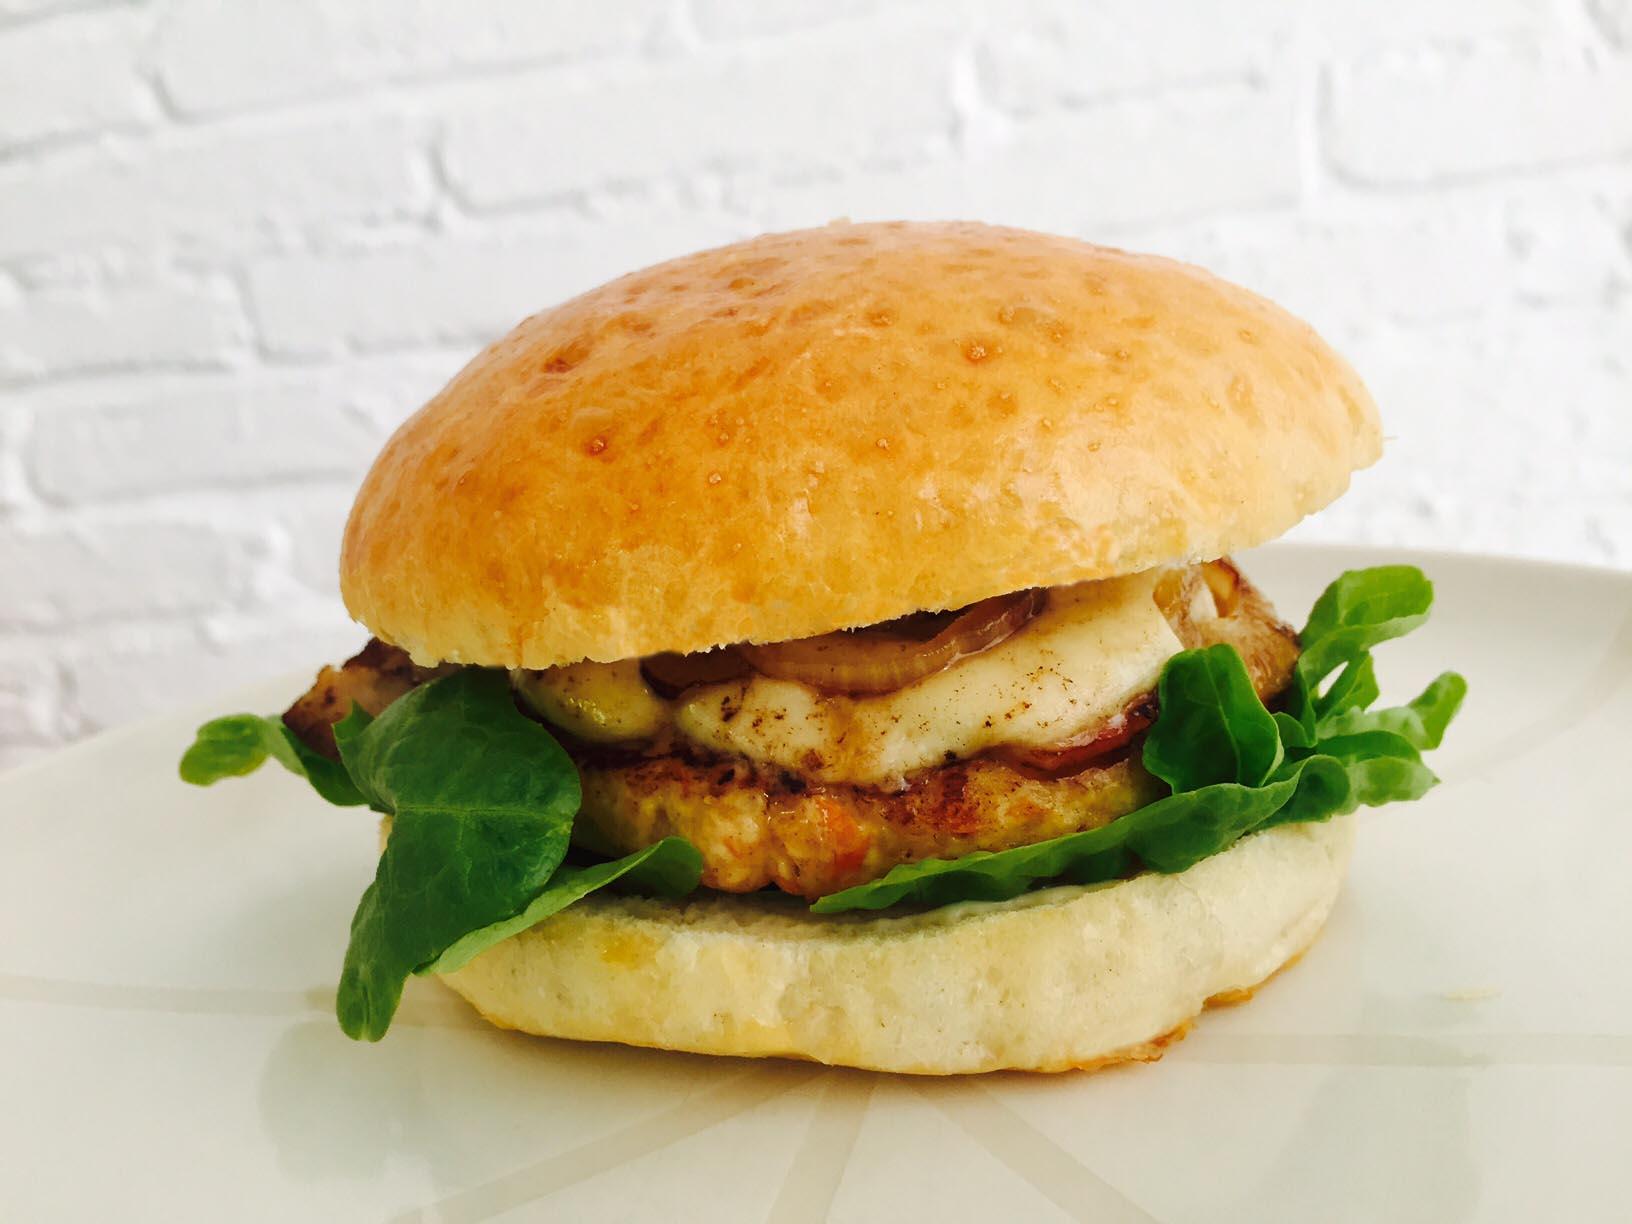 Cocina Sana Thermomix | Hamburguesa Super Rica Y Comida Sana Pueden Ir En La Misma